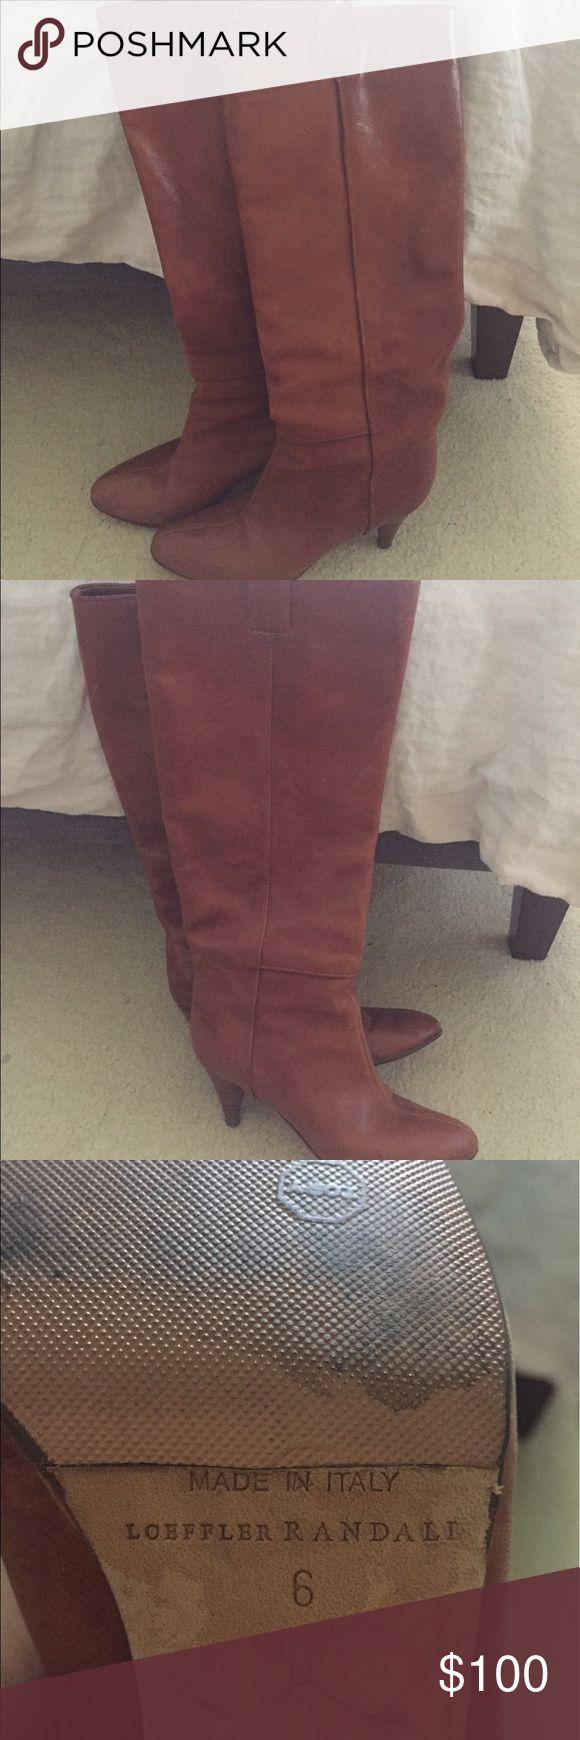 Loeffler Randall cognac boots size 6 Loefffler Randall cognac boots size 6 Loeffler Randall Shoes Heeled Boots